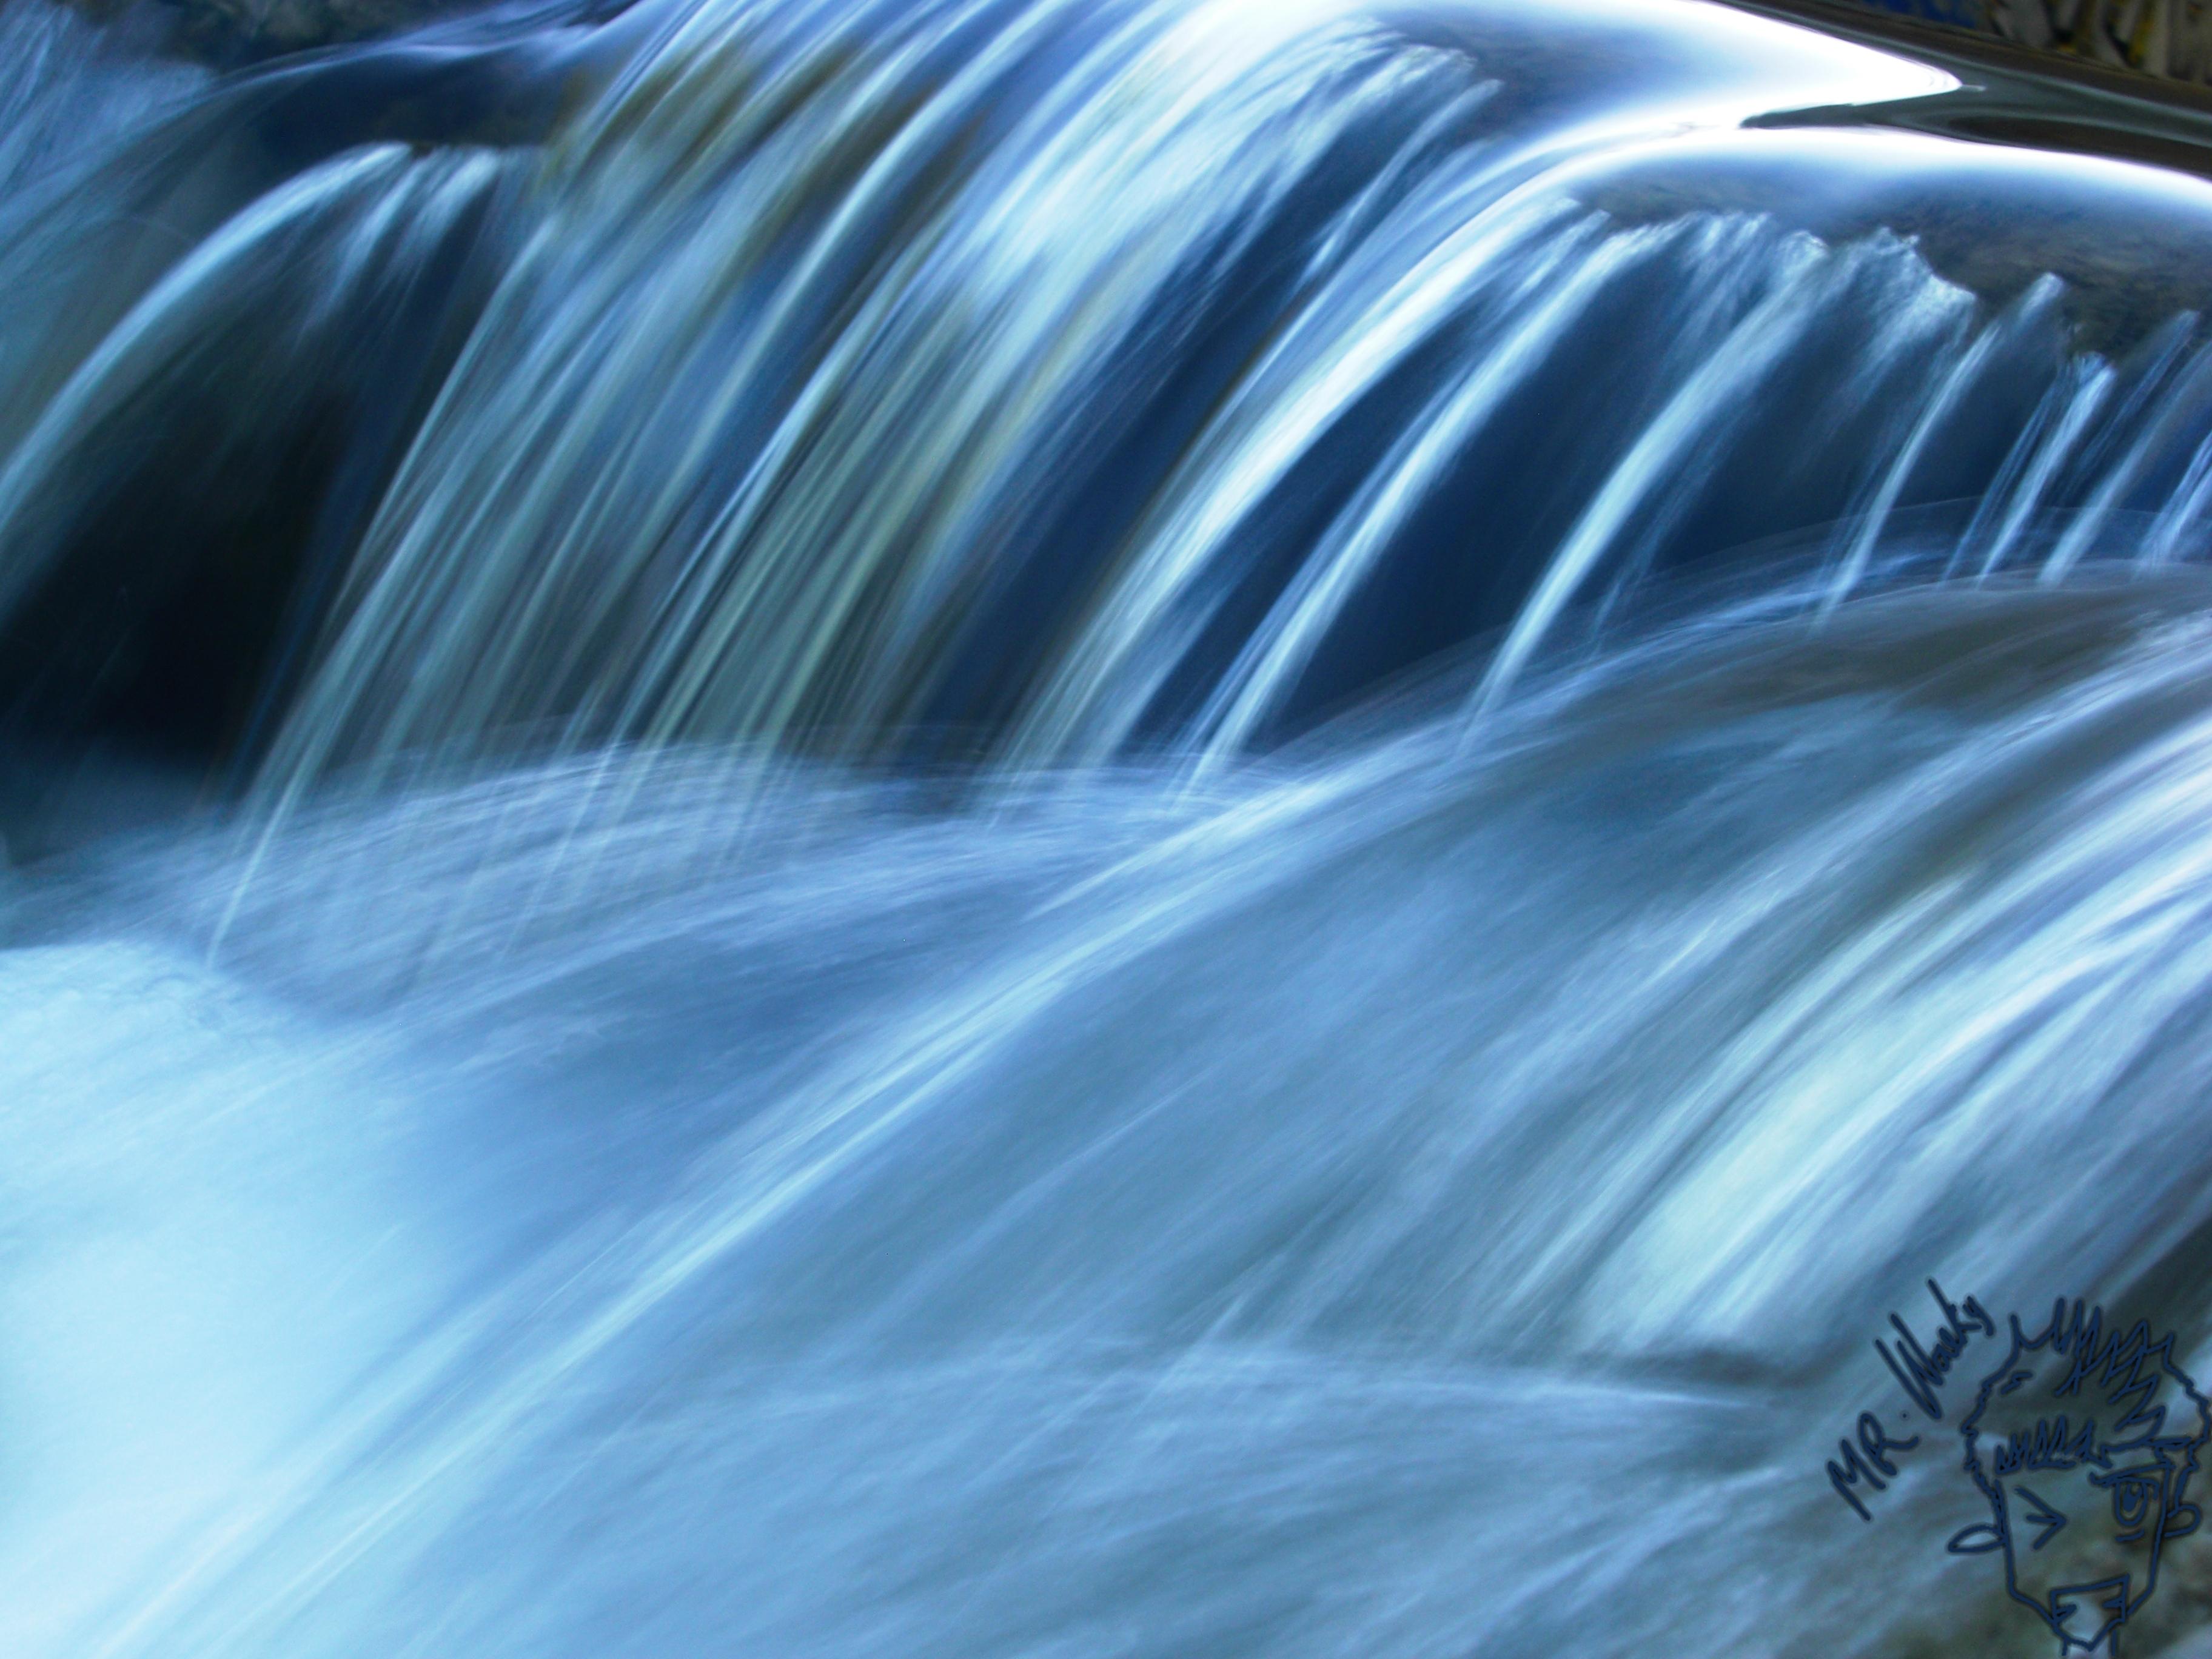 Water Flow by waqarwru on DeviantArt